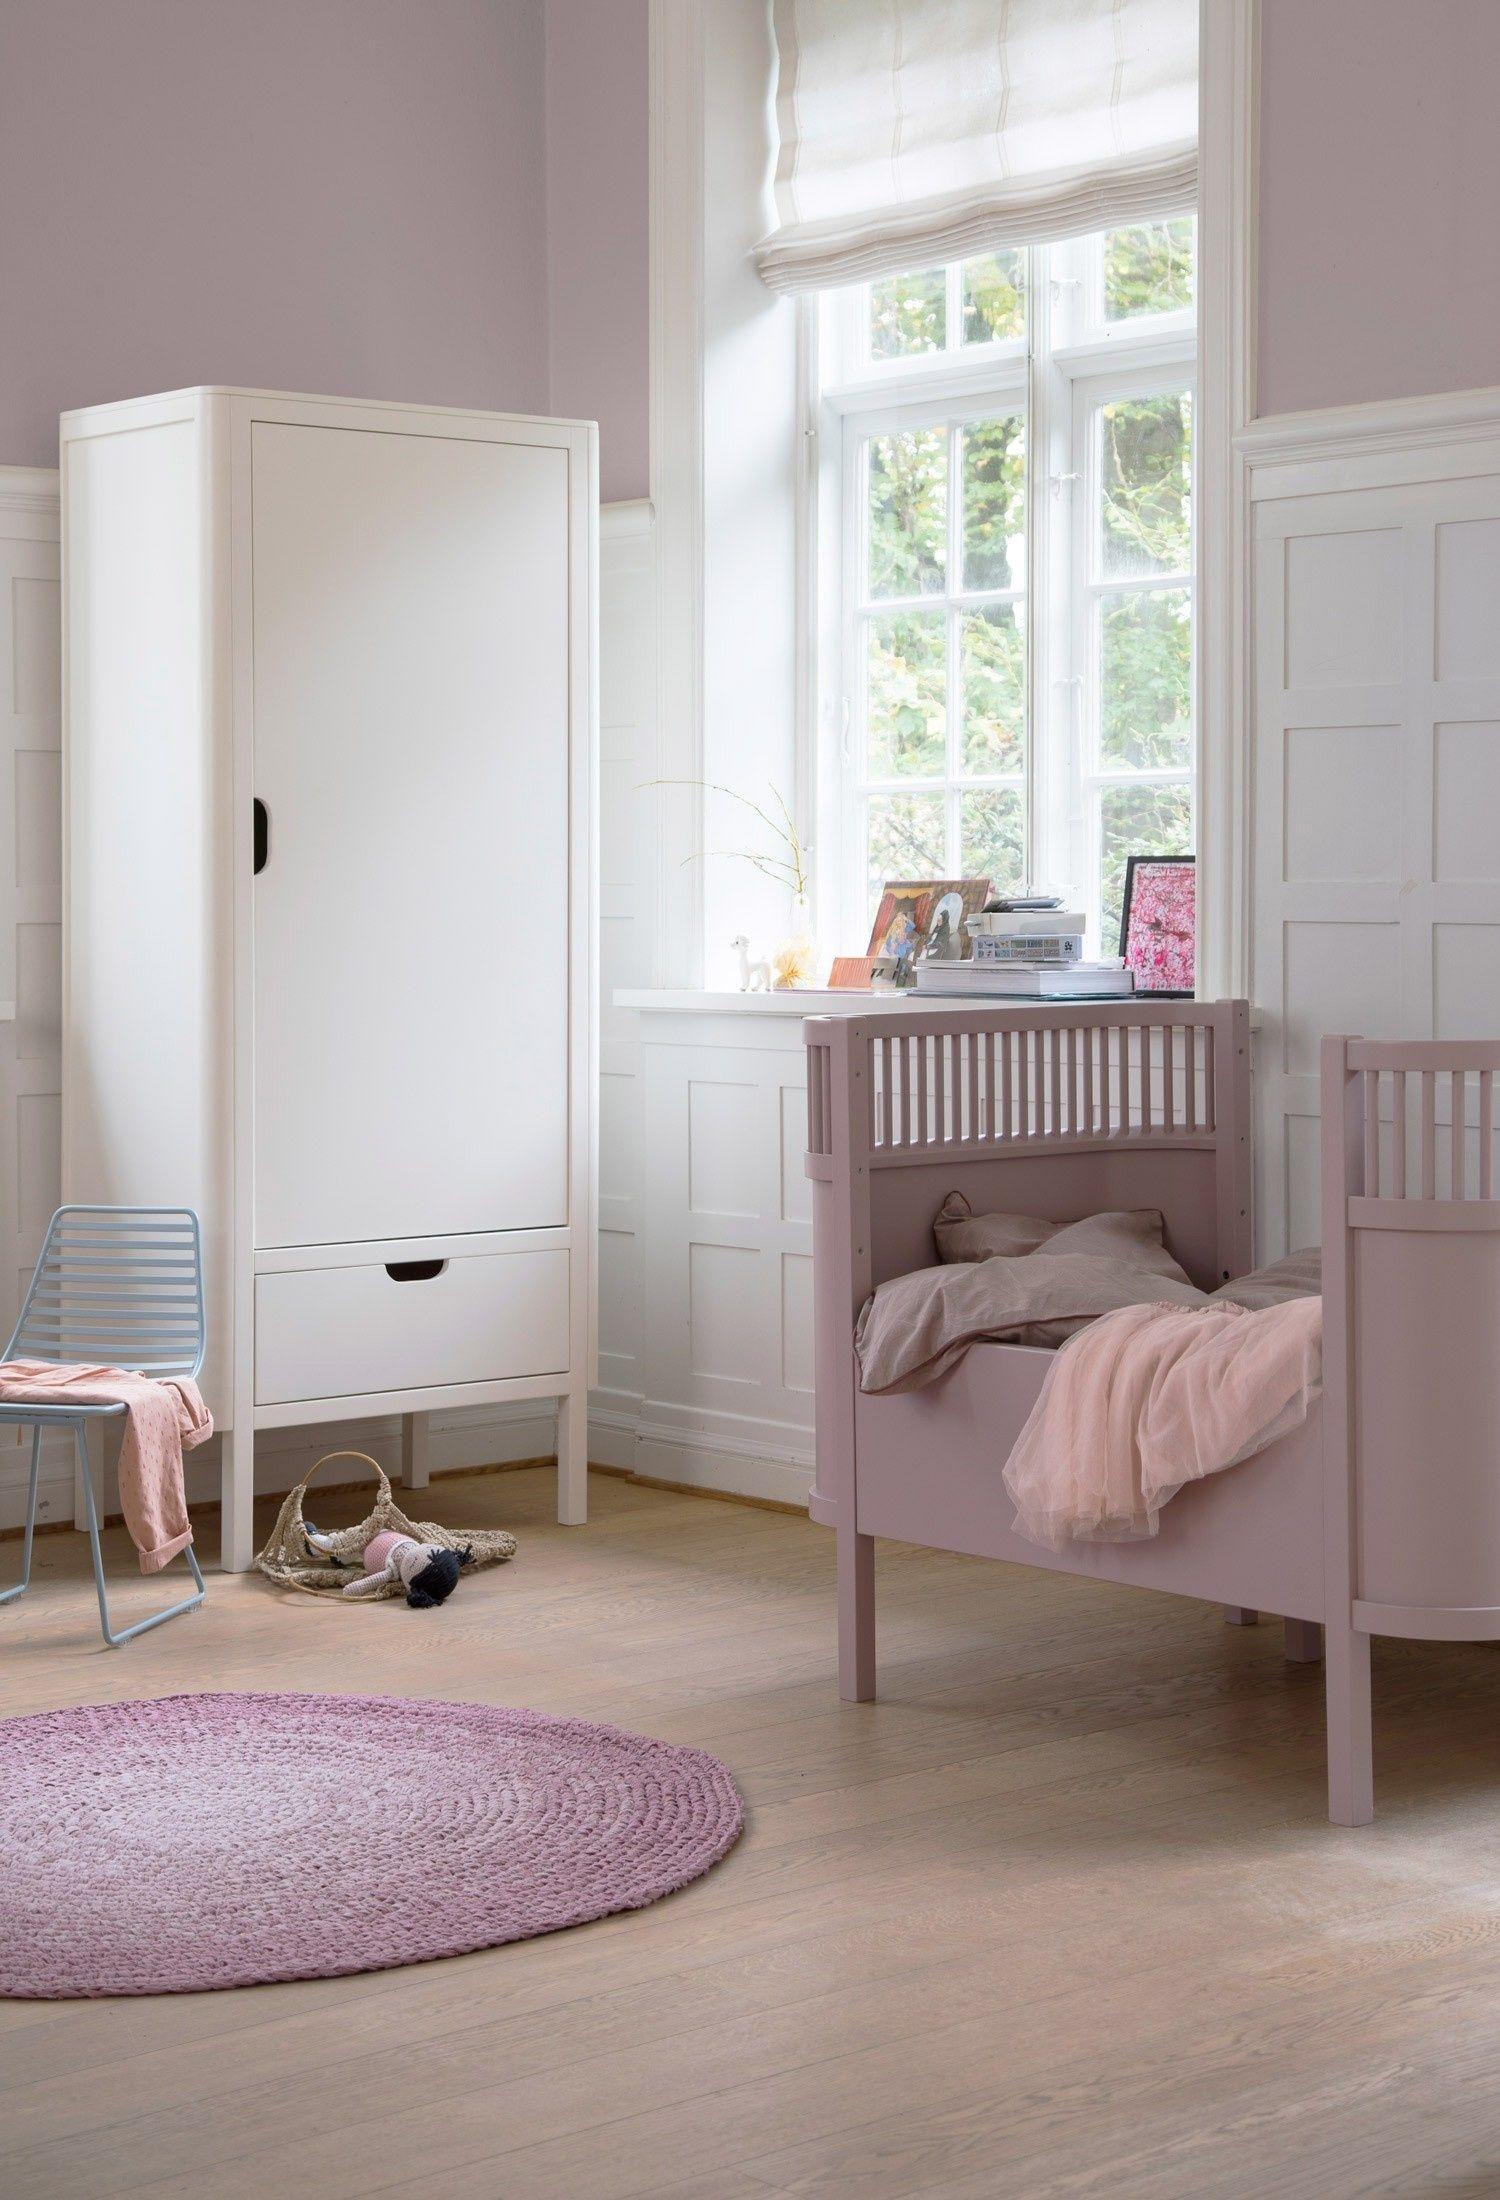 Baby Juniorbett In Altrosa Ausziehbar Auslauf Kinderkleiderschrank Kinder Schrank Kinderschrank